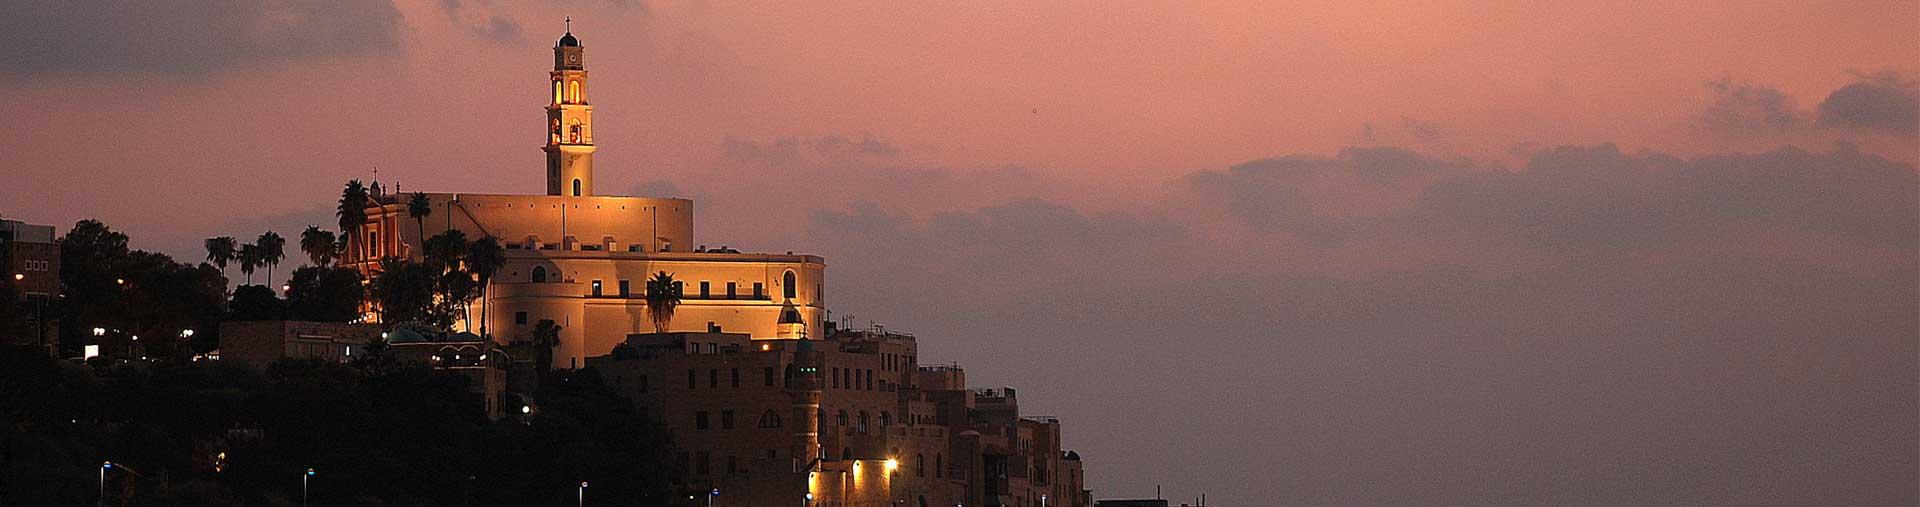 Jaffa Israel at night